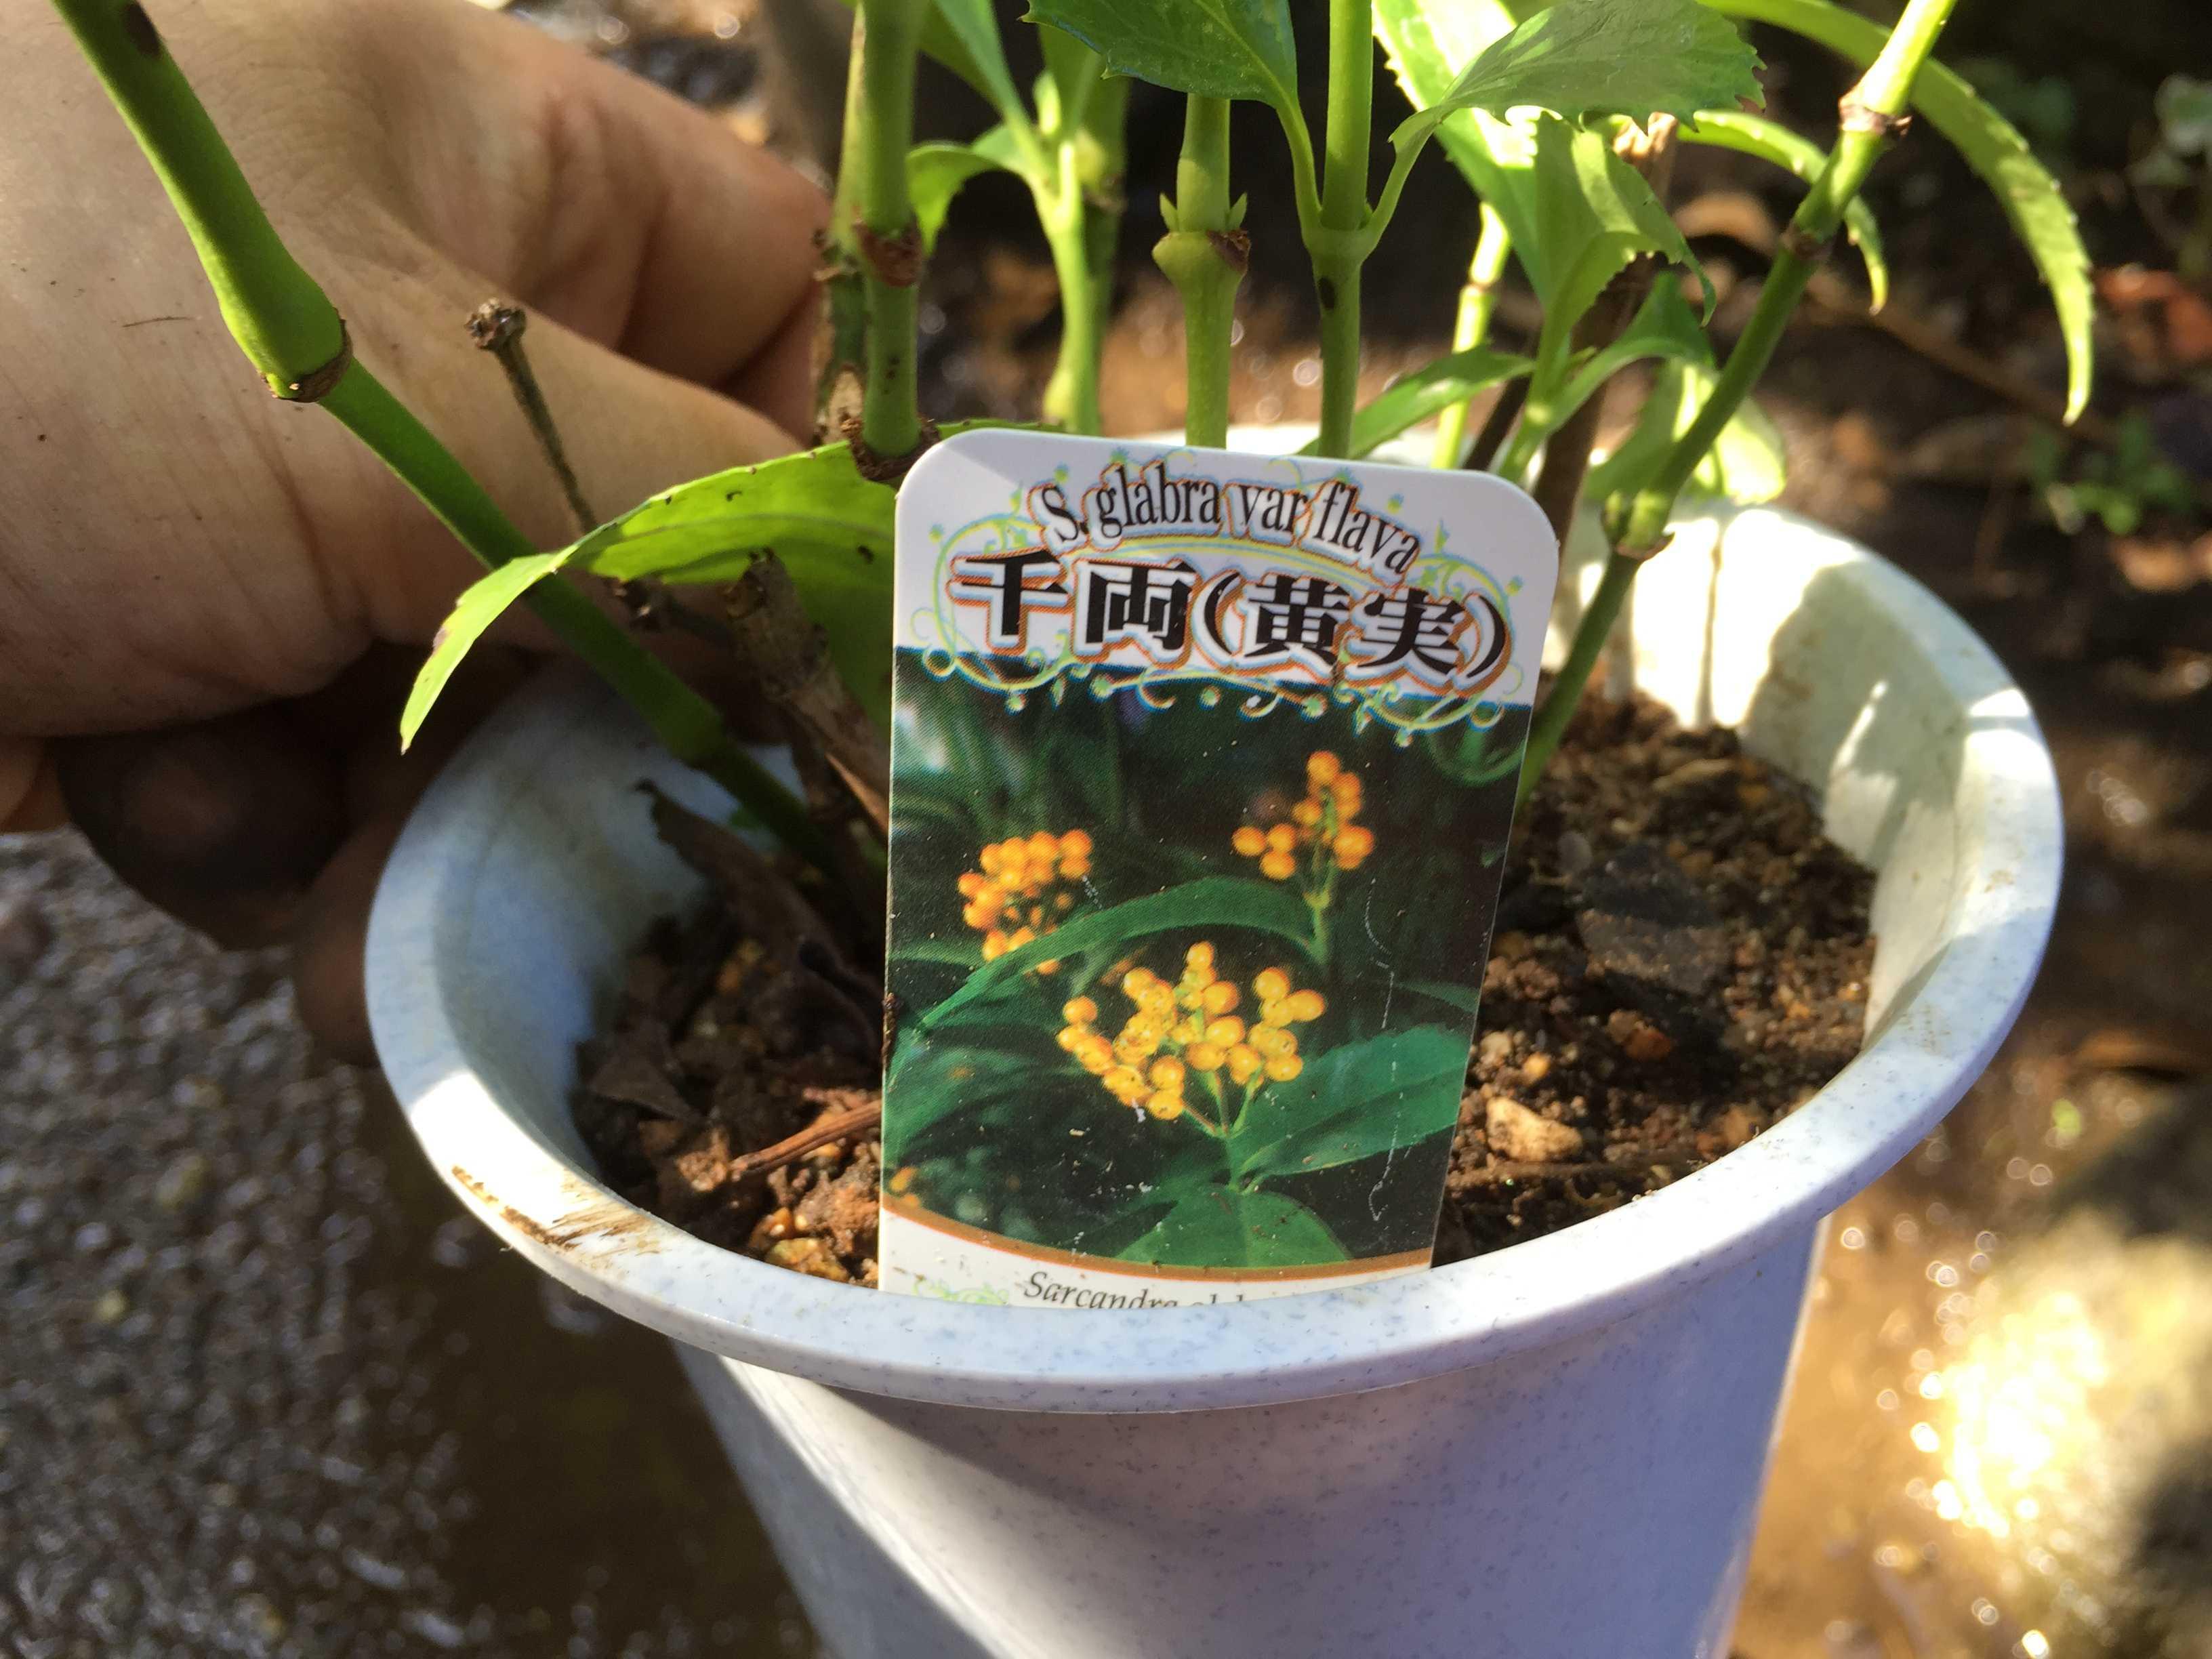 黄実の千両(キミノセンリョウ) のネームプレート/プランツネーム - Sarcandra glabra f. flava